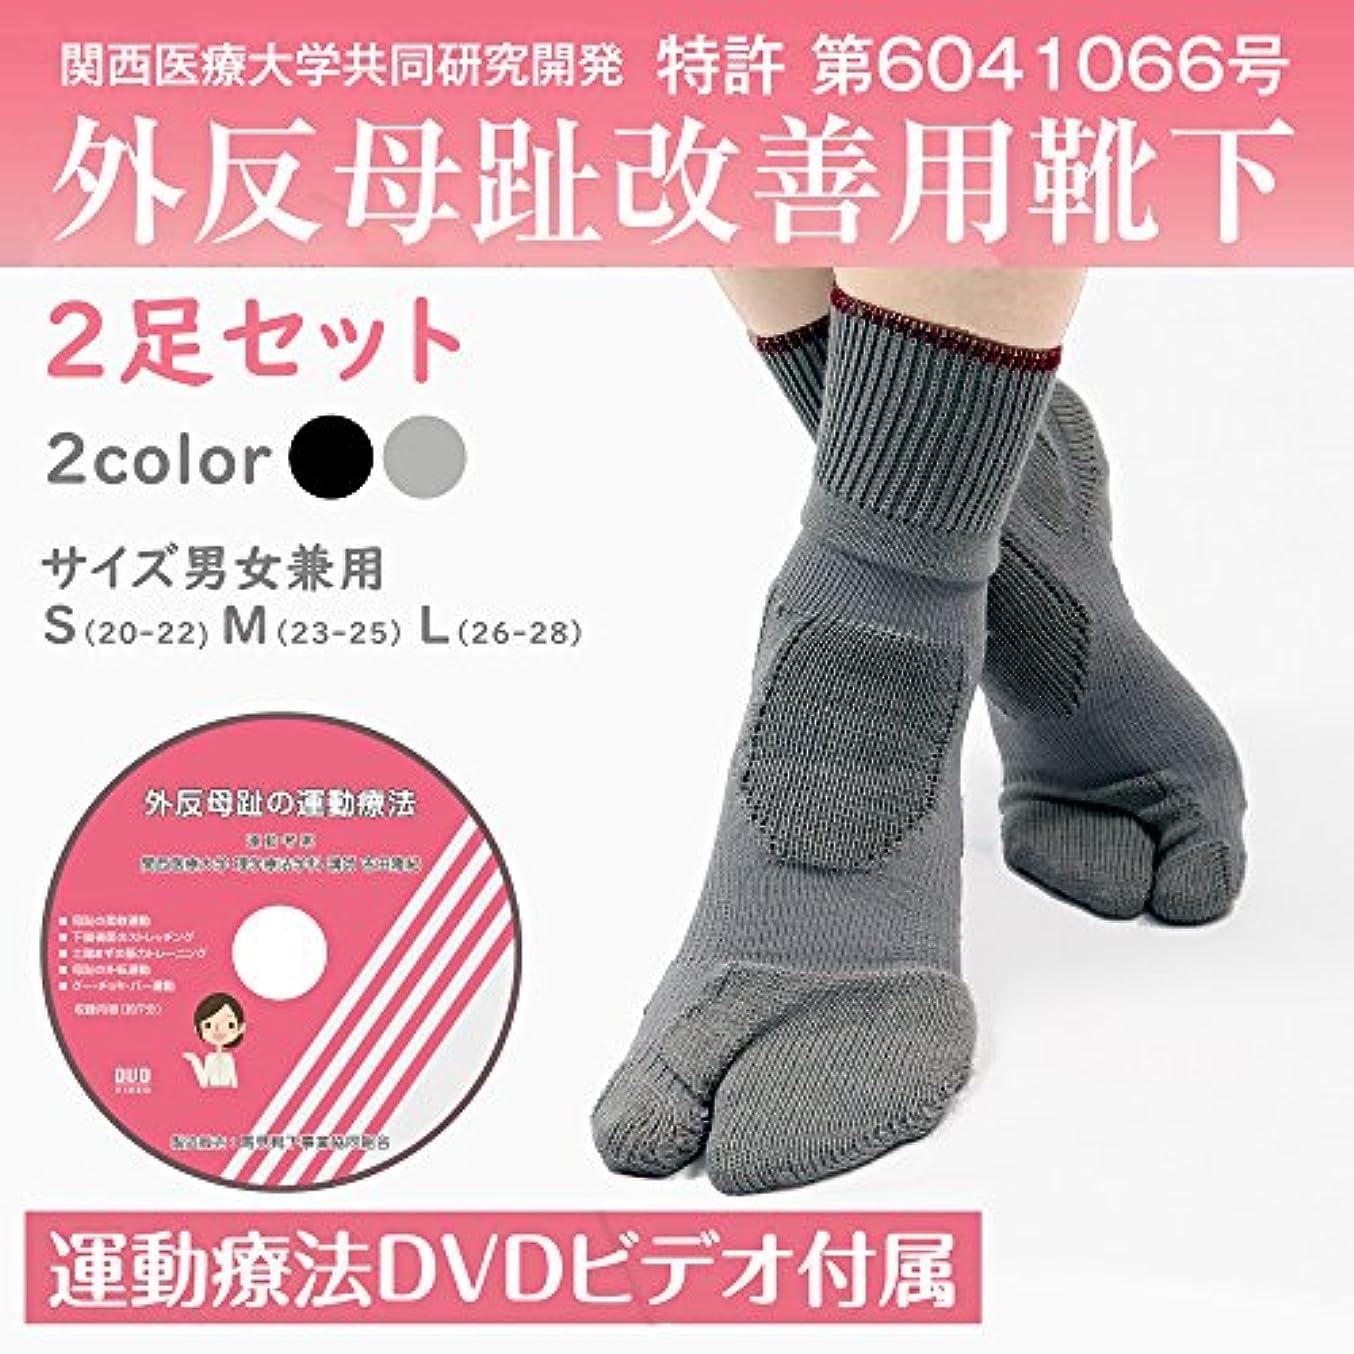 悪化させる形成終わり外反母趾改善用靴下2足セット、運動療法DVDビデオ付(カサネラボ)kasane lab. (ブラック, M:23-25cm)